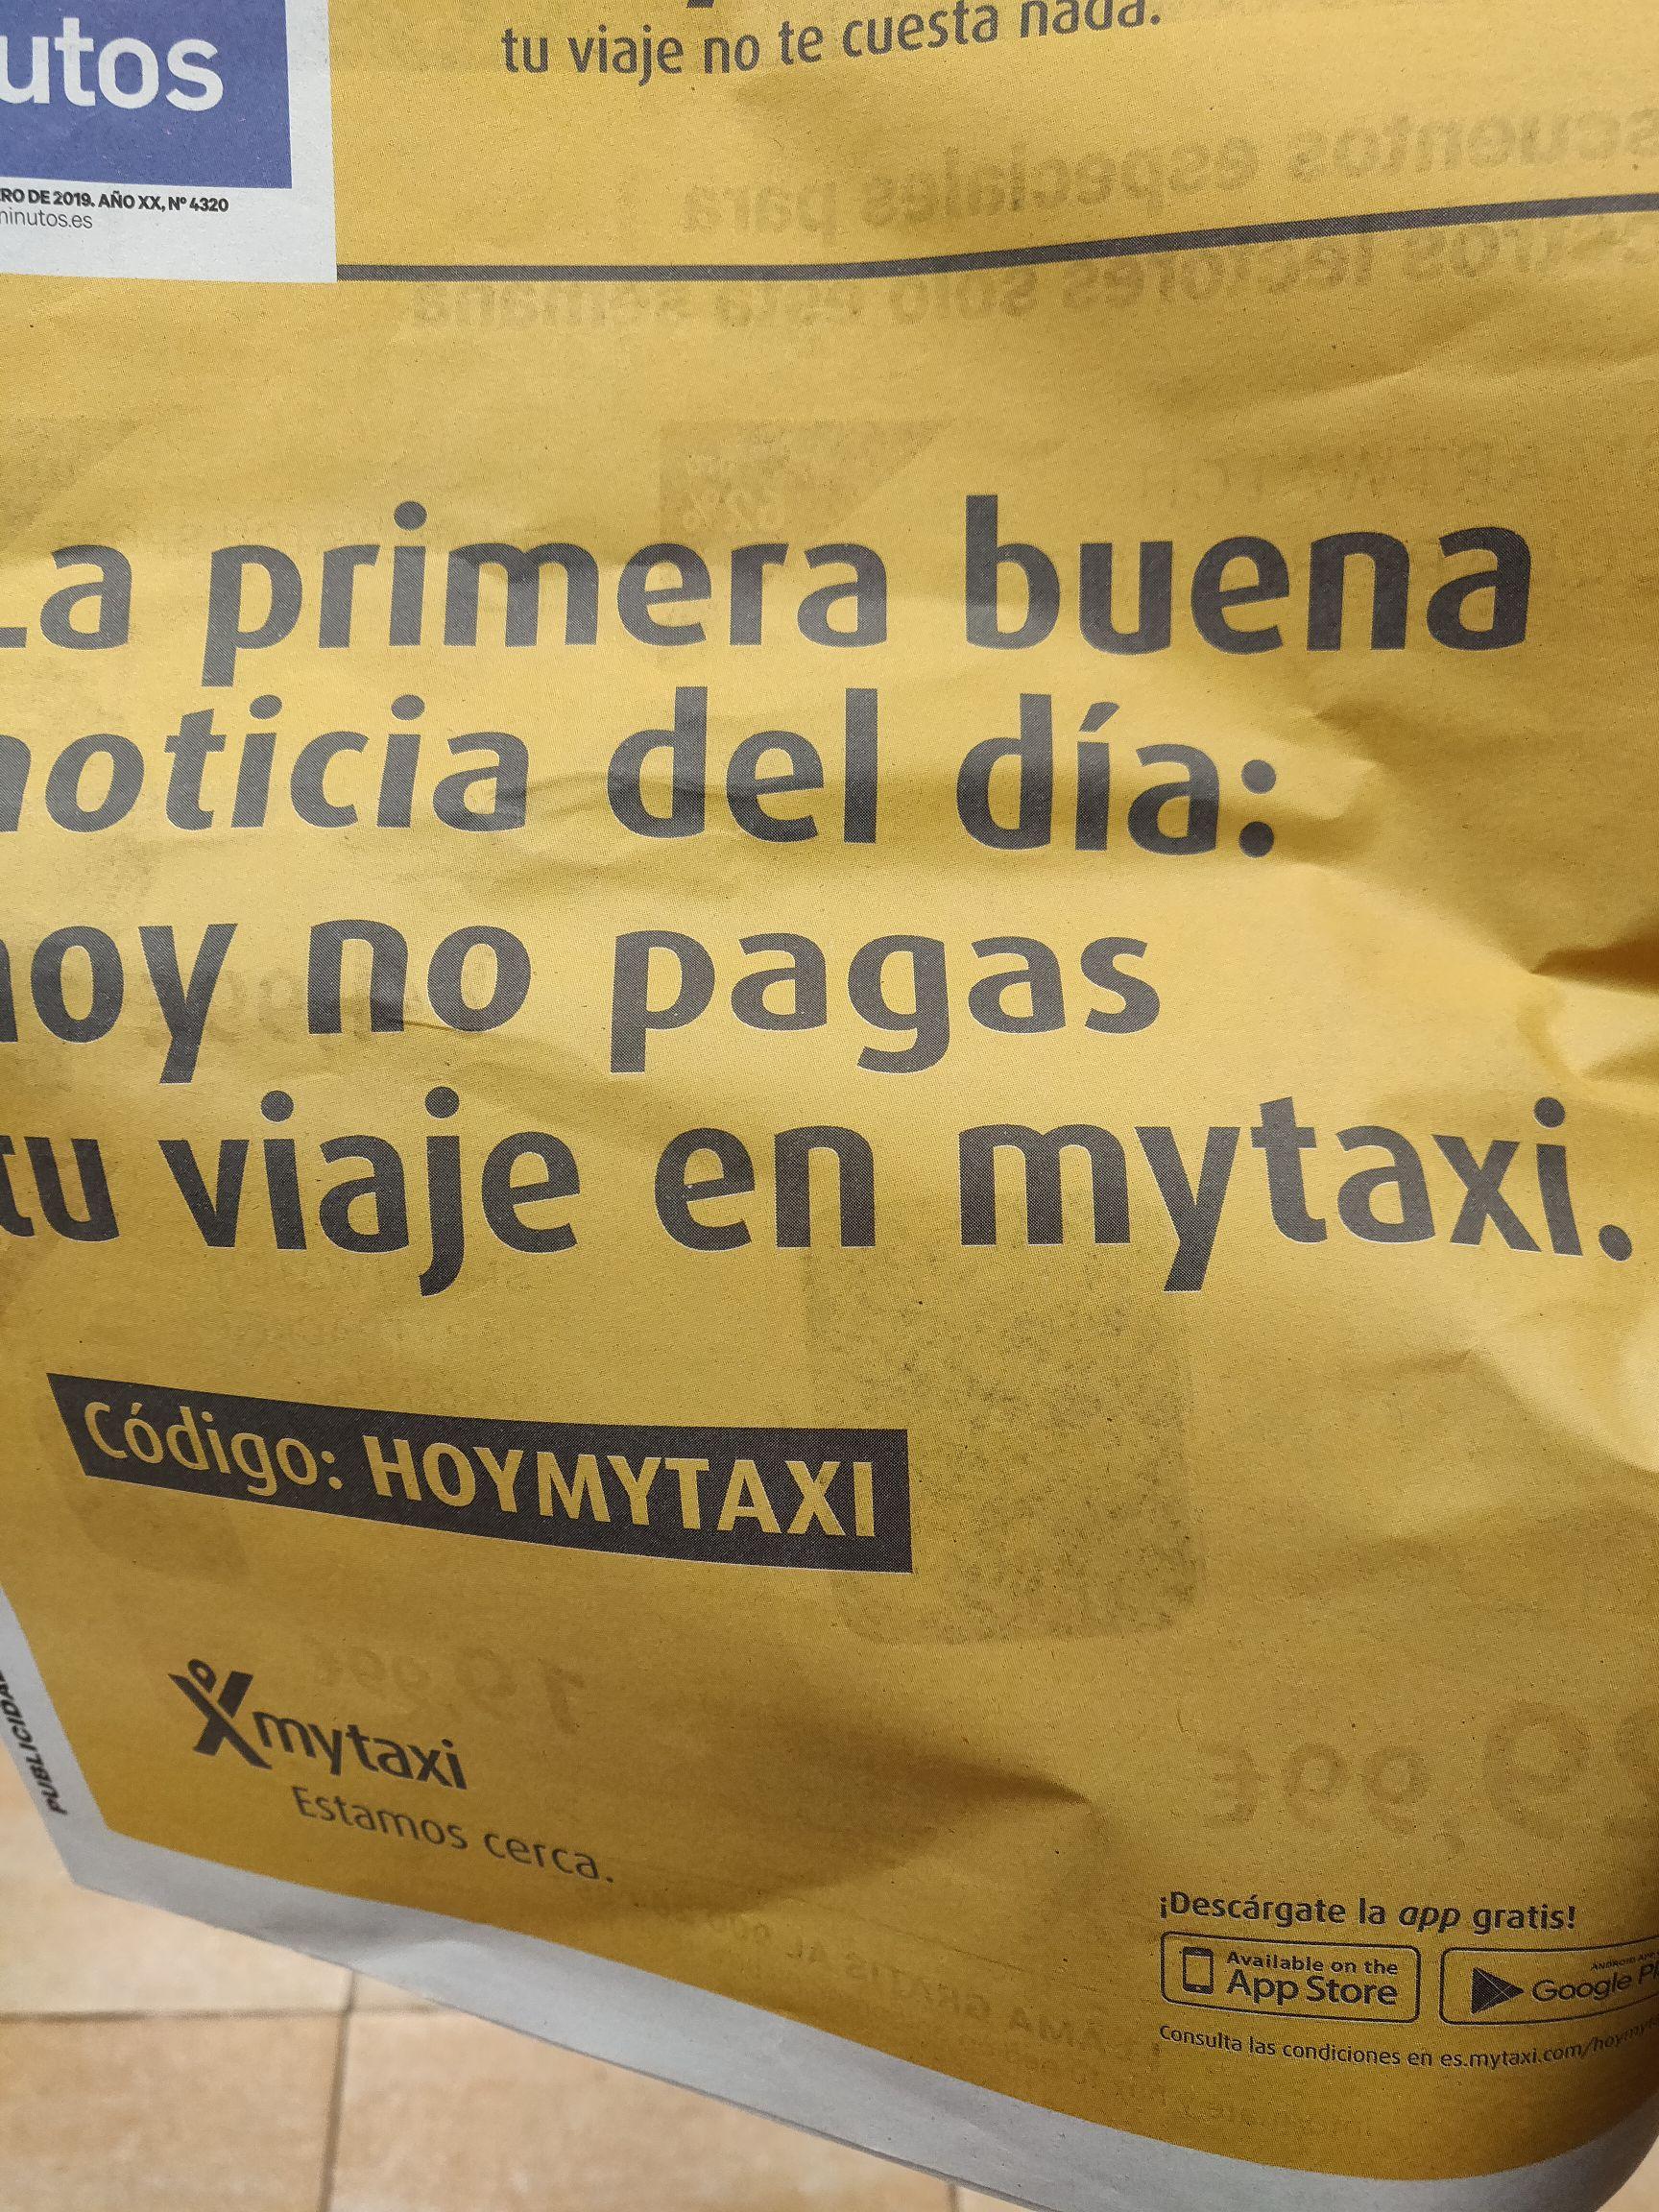 Viaje gratis en mytaxi